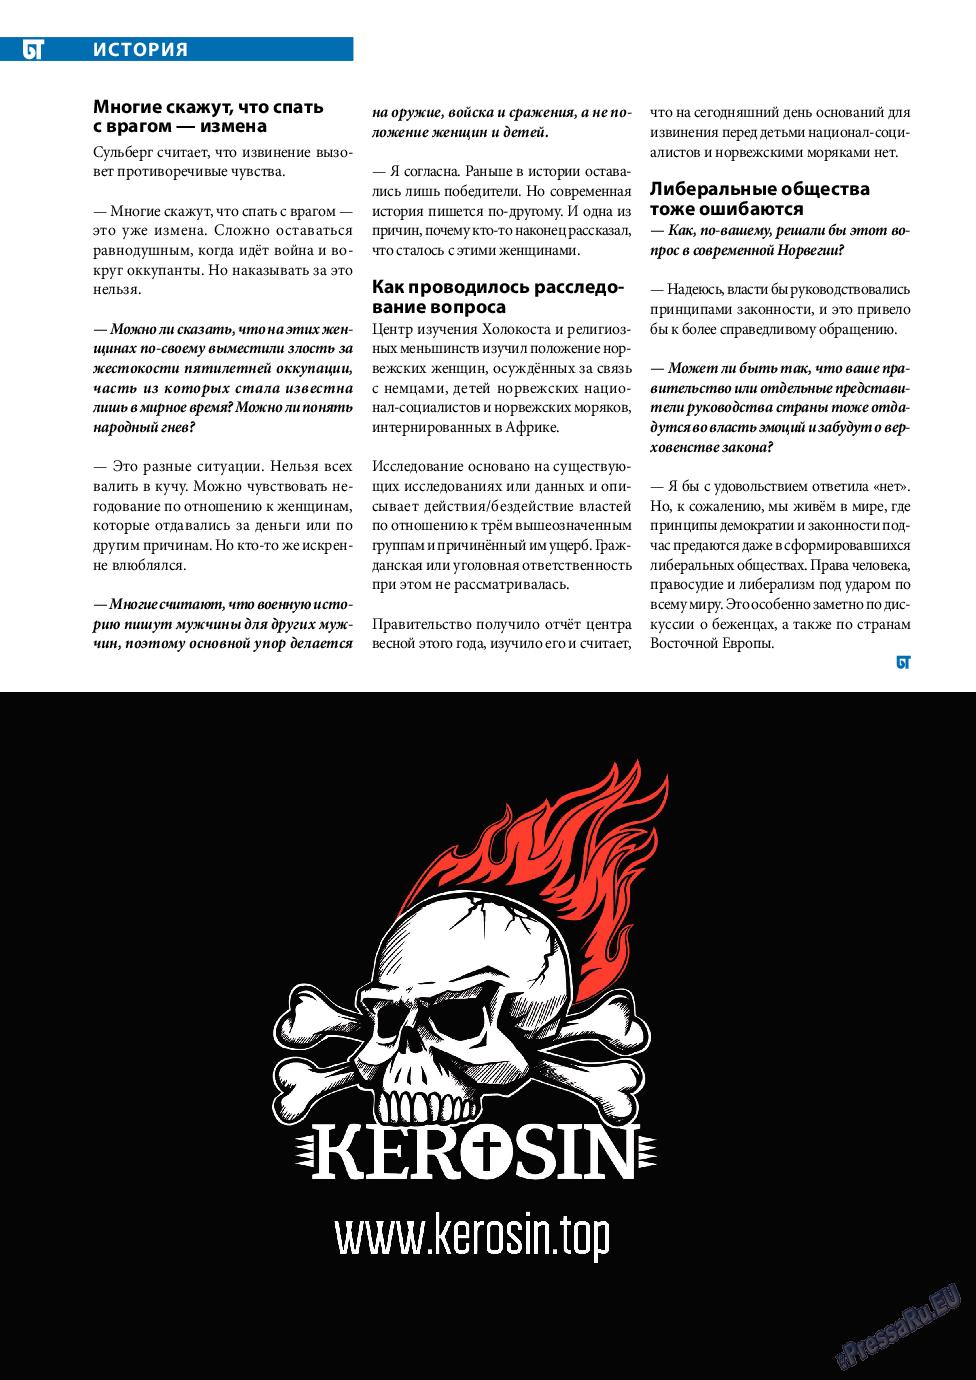 Берлинский телеграф (журнал). 2018 год, номер 32, стр. 16